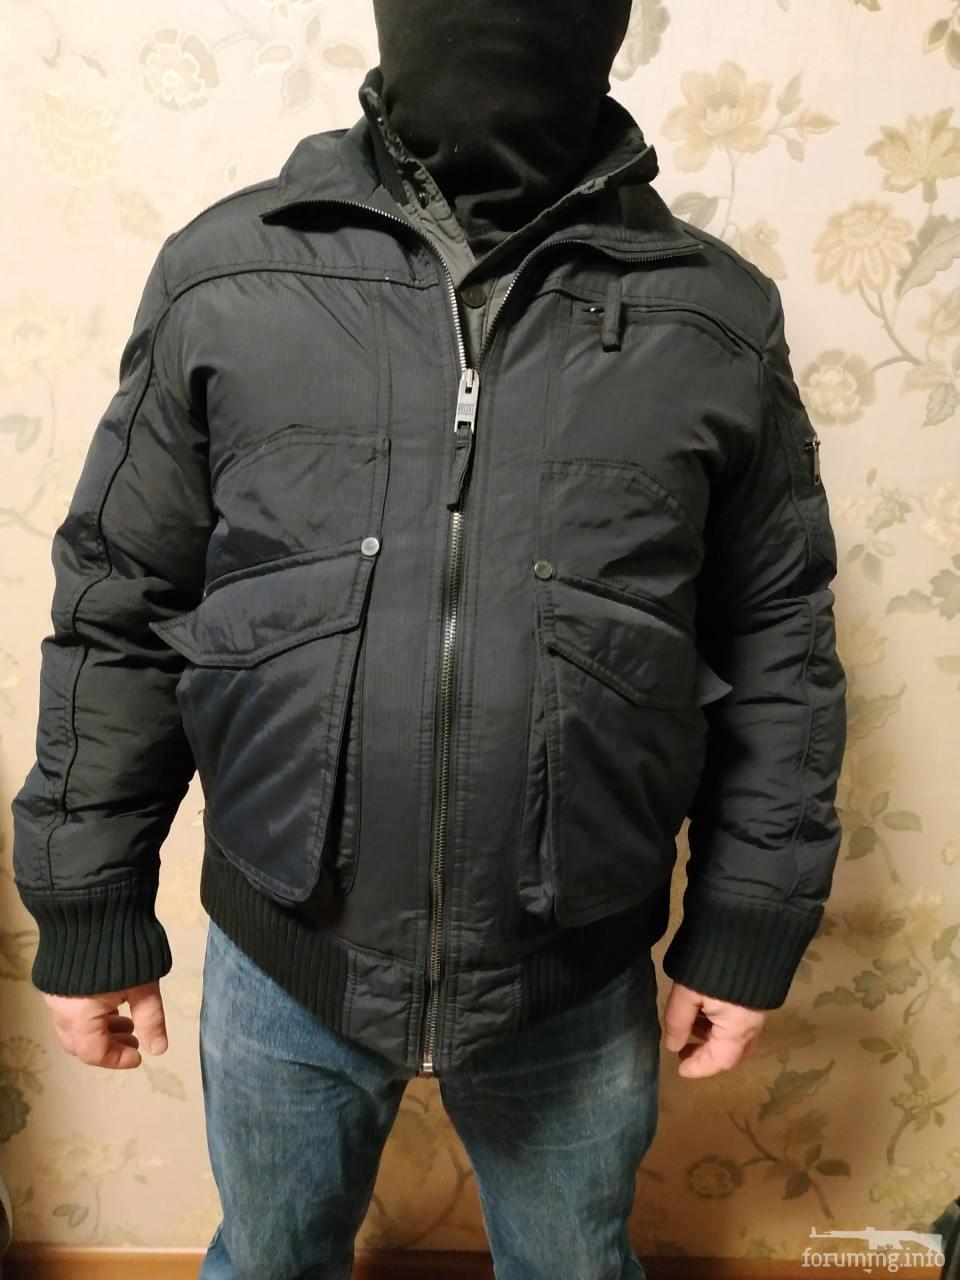 136436 - Тепла пухова куртка бомбер